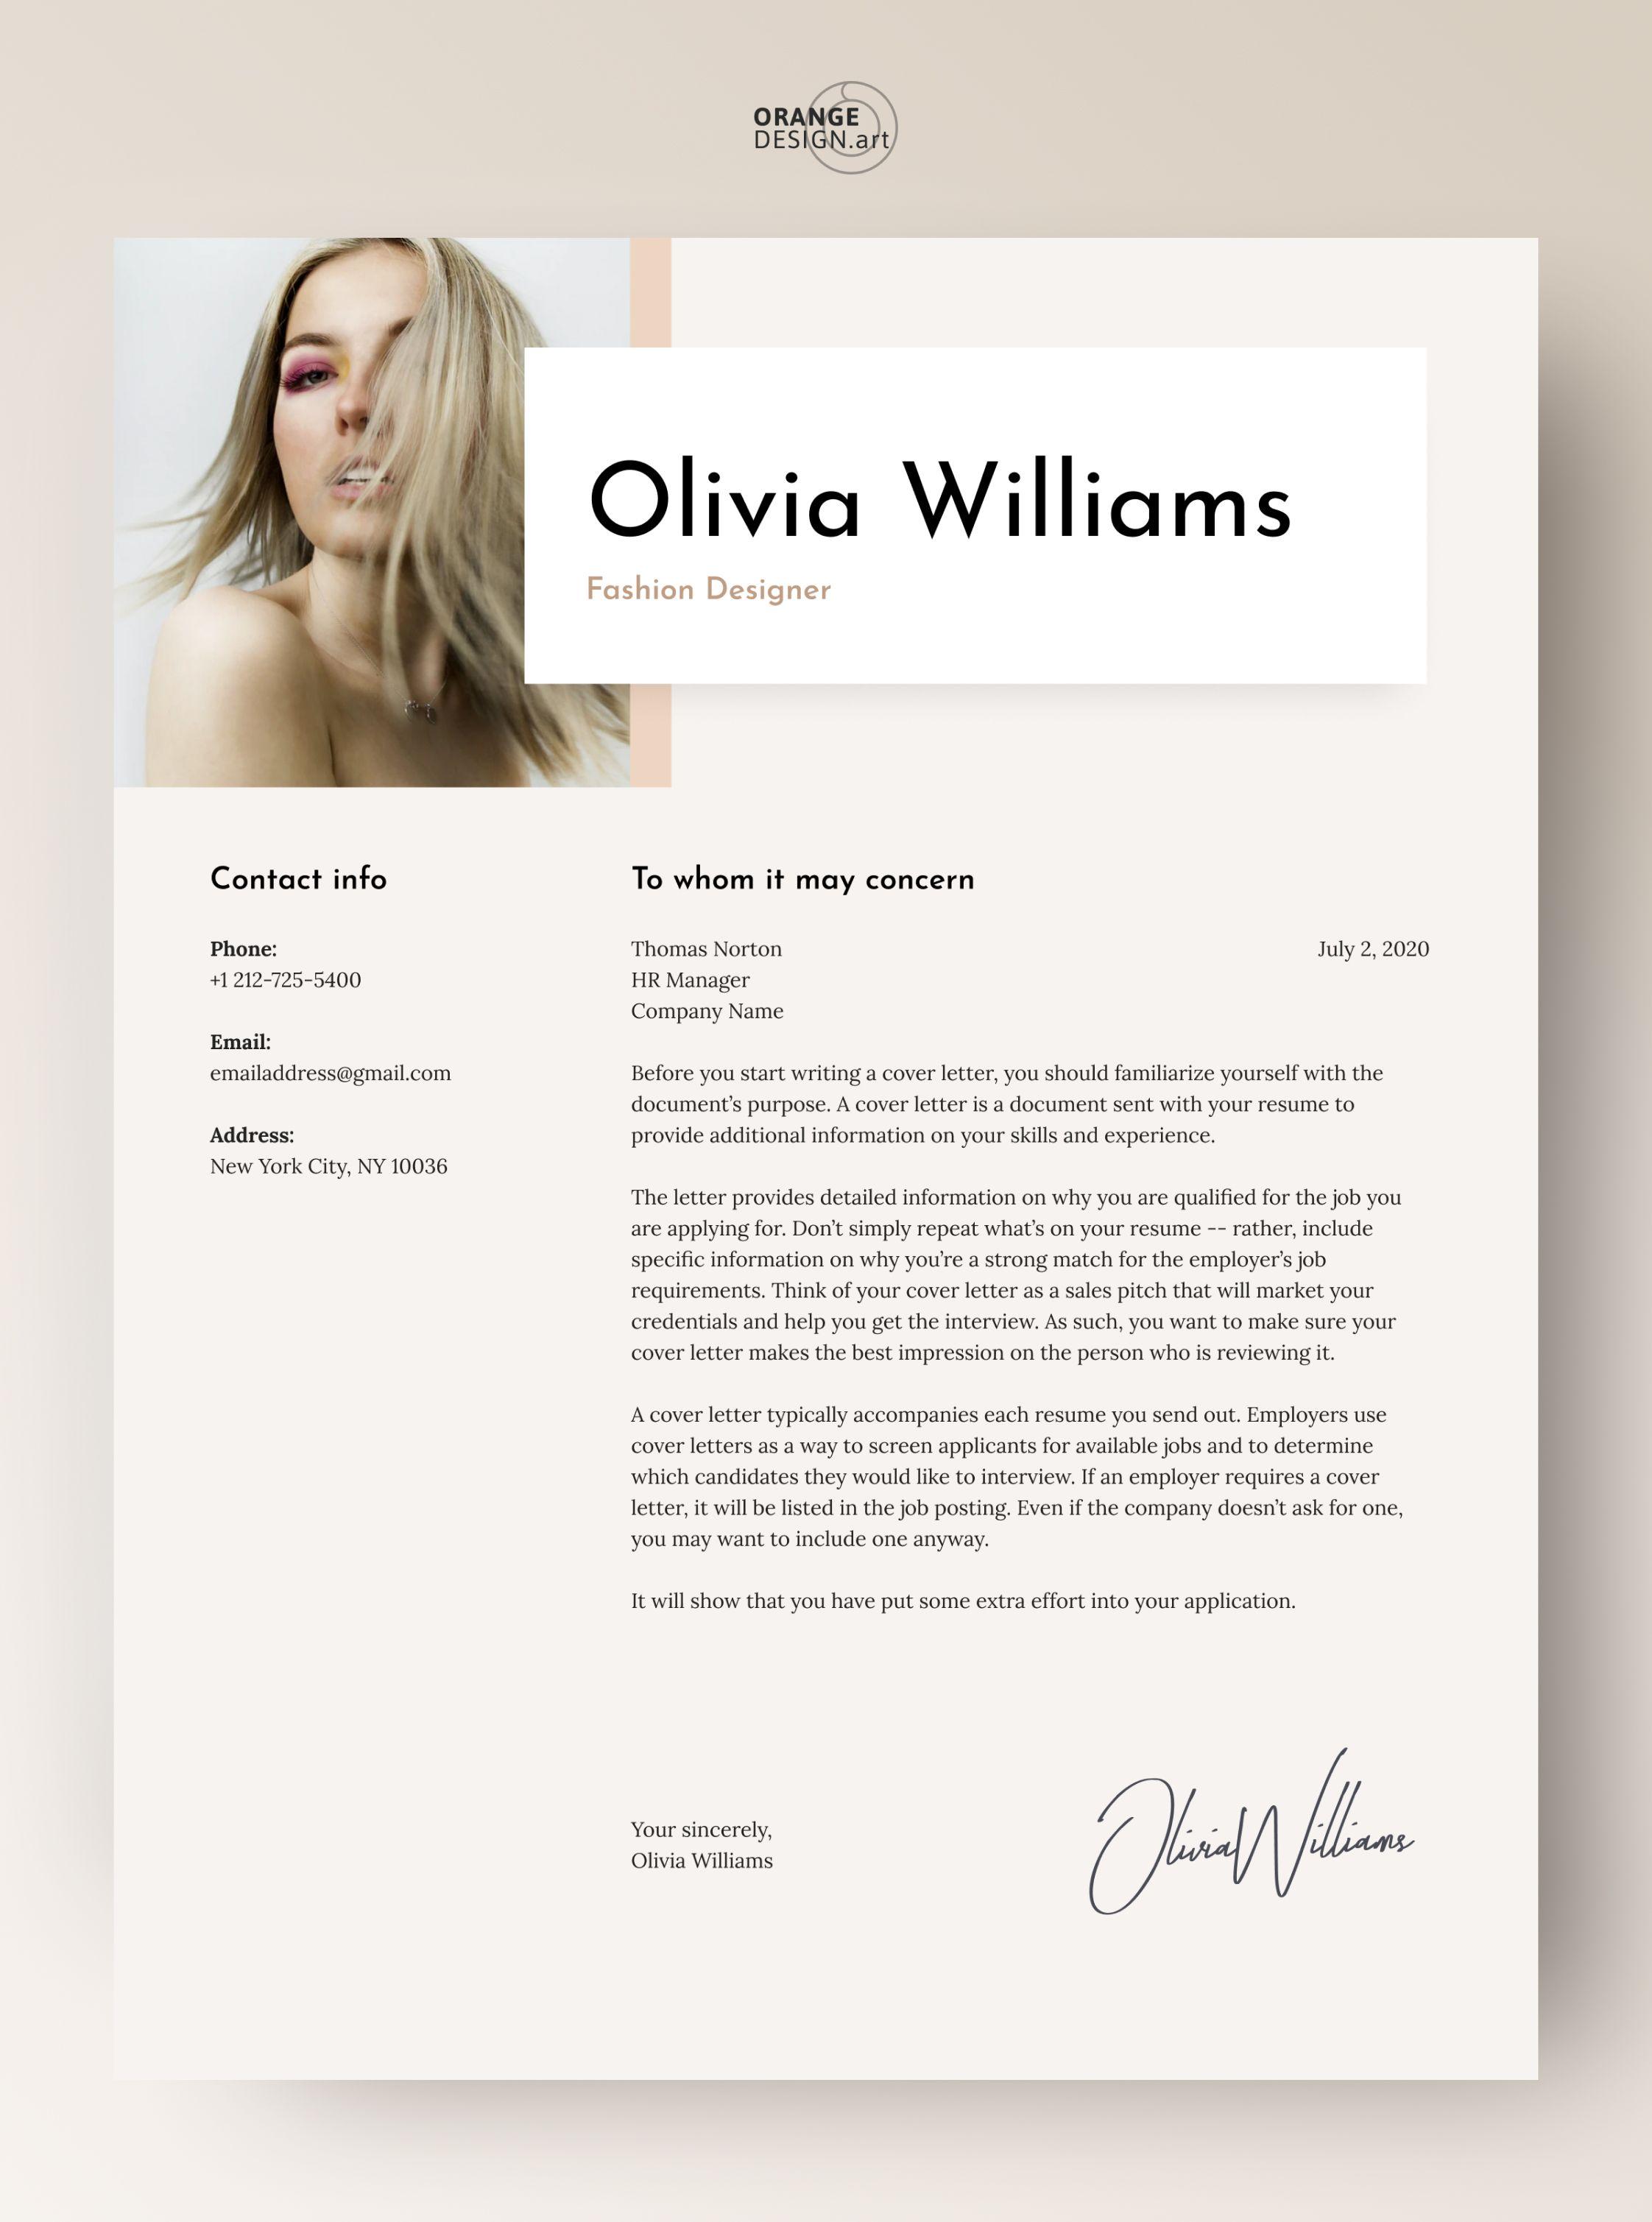 Modern Cv Template For Word Fashion Designer Cv Template With Etsy In 2021 Modern Cv Template Creative Cover Letter Cv Template